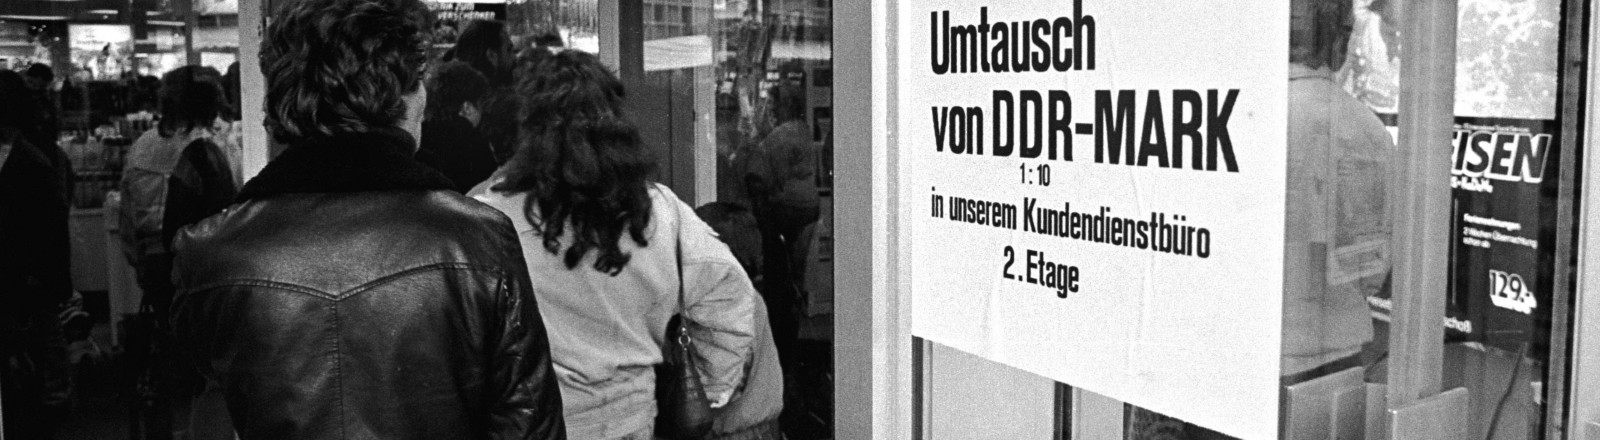 November 1989: Nach der Maueröffnung tauschen Kundinnen und Kunden in DDR-Mark in D-Mark um.